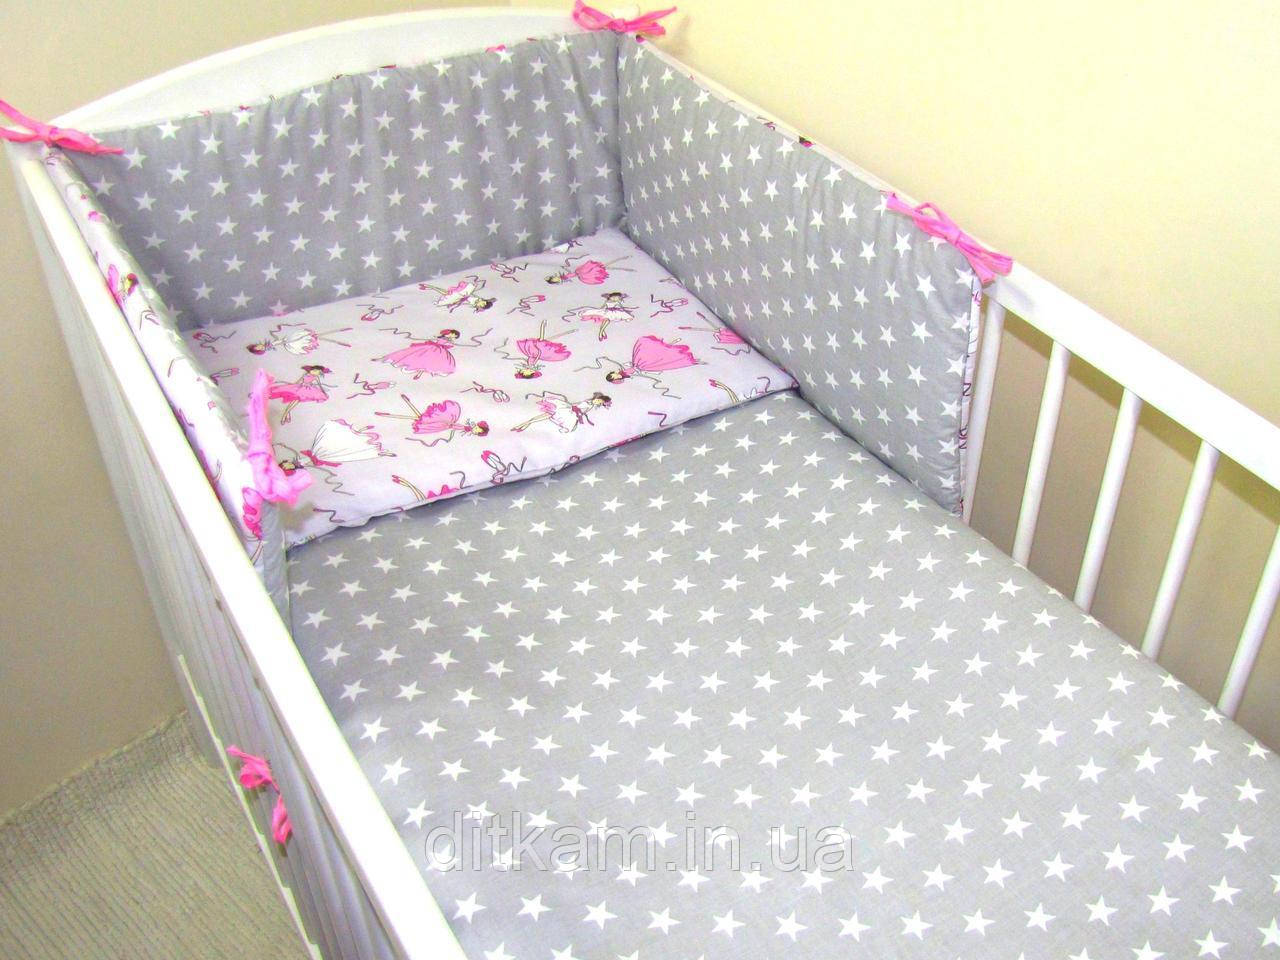 Комплект в кроватку Хатка 11 в 1 Балерина с серым